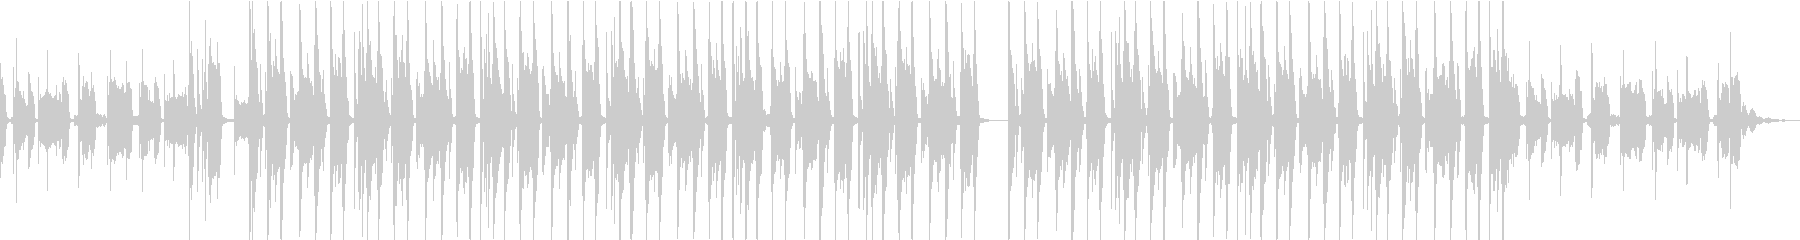 CMで使えるおしゃれBGMの未再生の波形